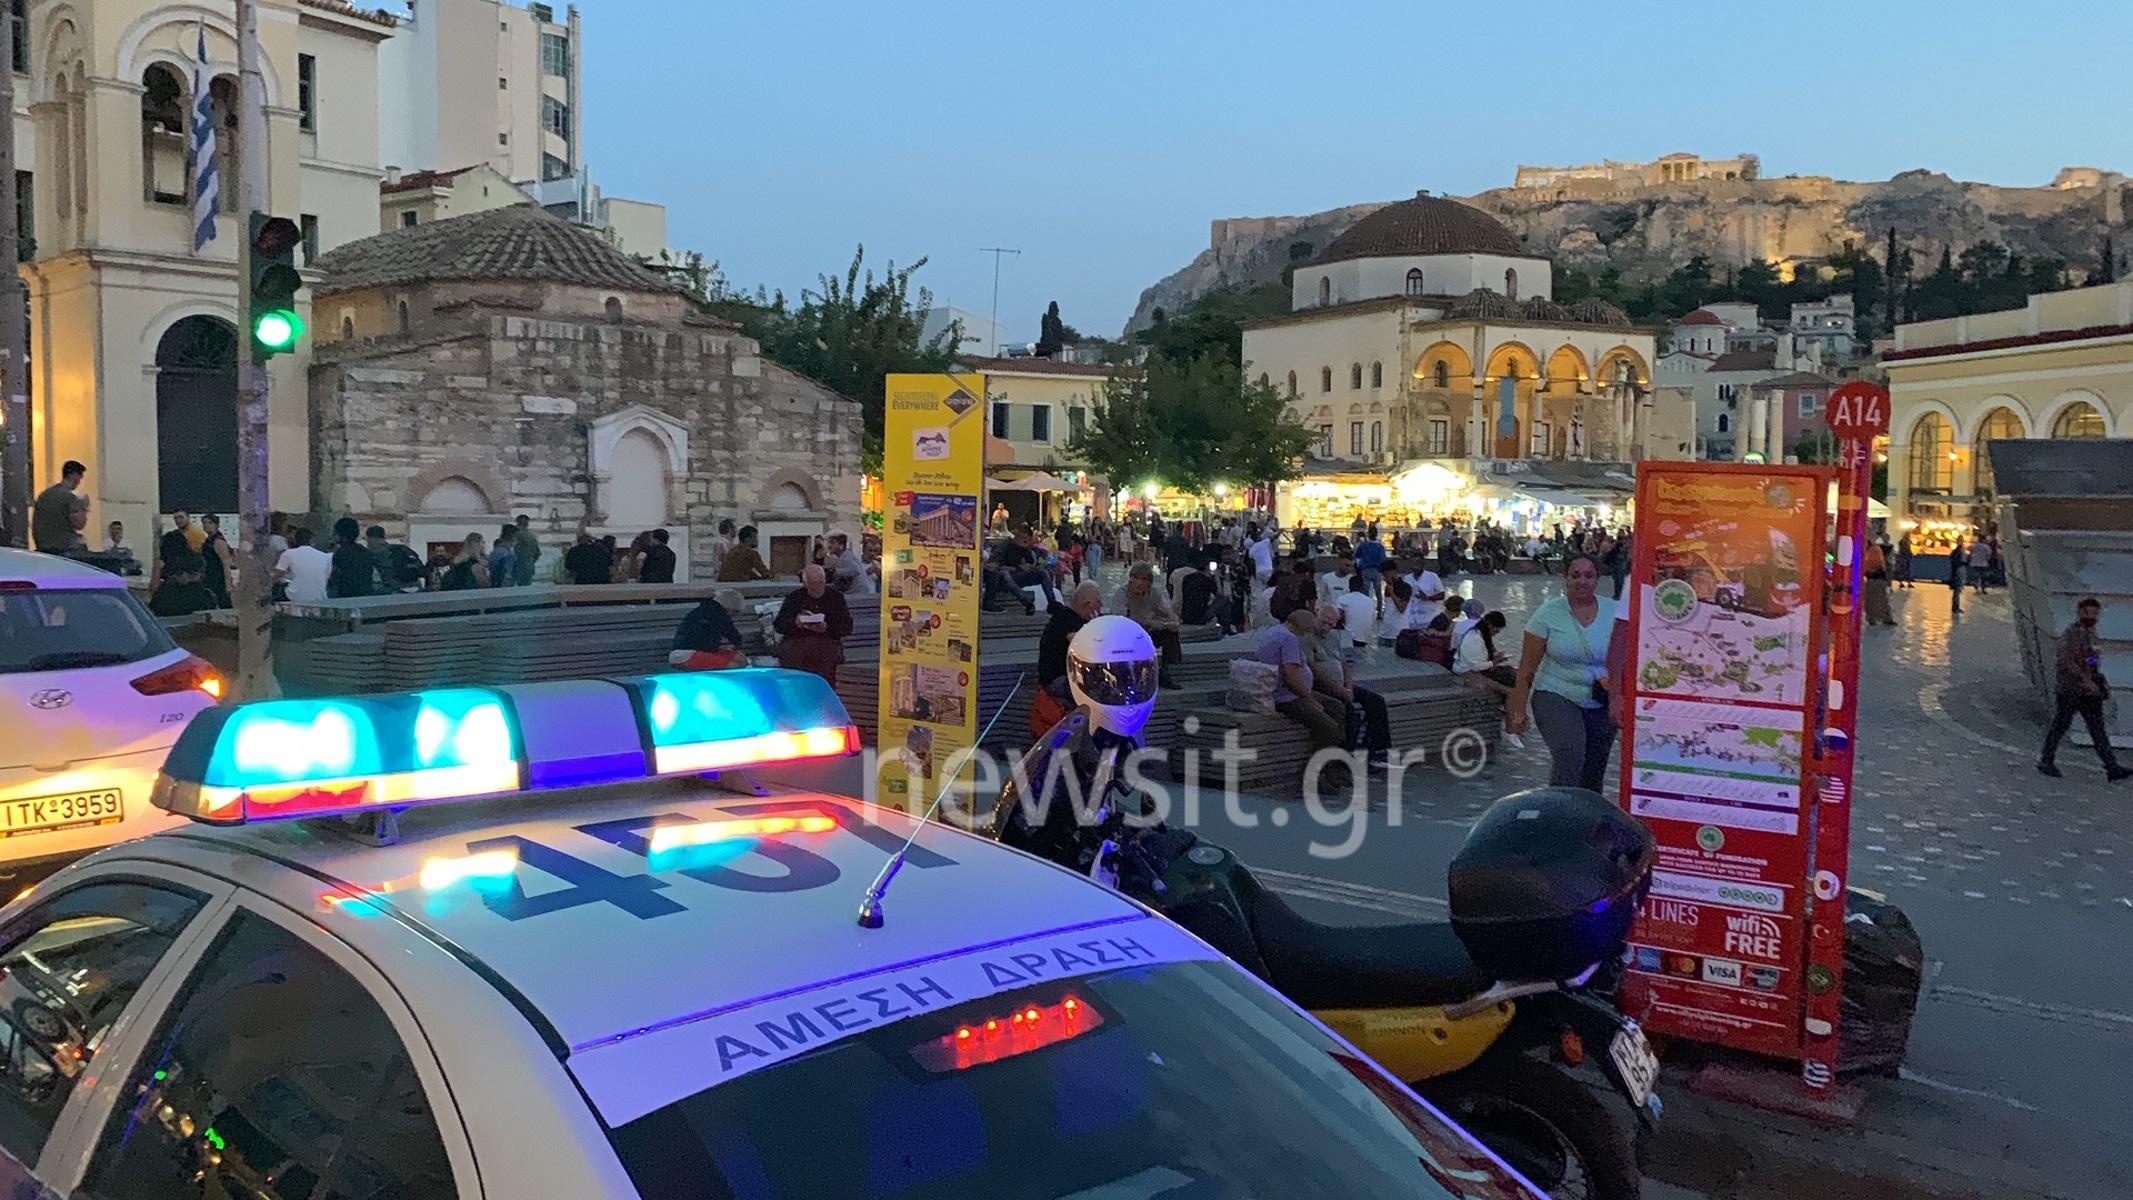 Κορονοϊός: Γέμισαν περιπολικά οι πλατείες – Από τα μεγάφωνα καλούν τους πολίτες να μην συνωστίζονται